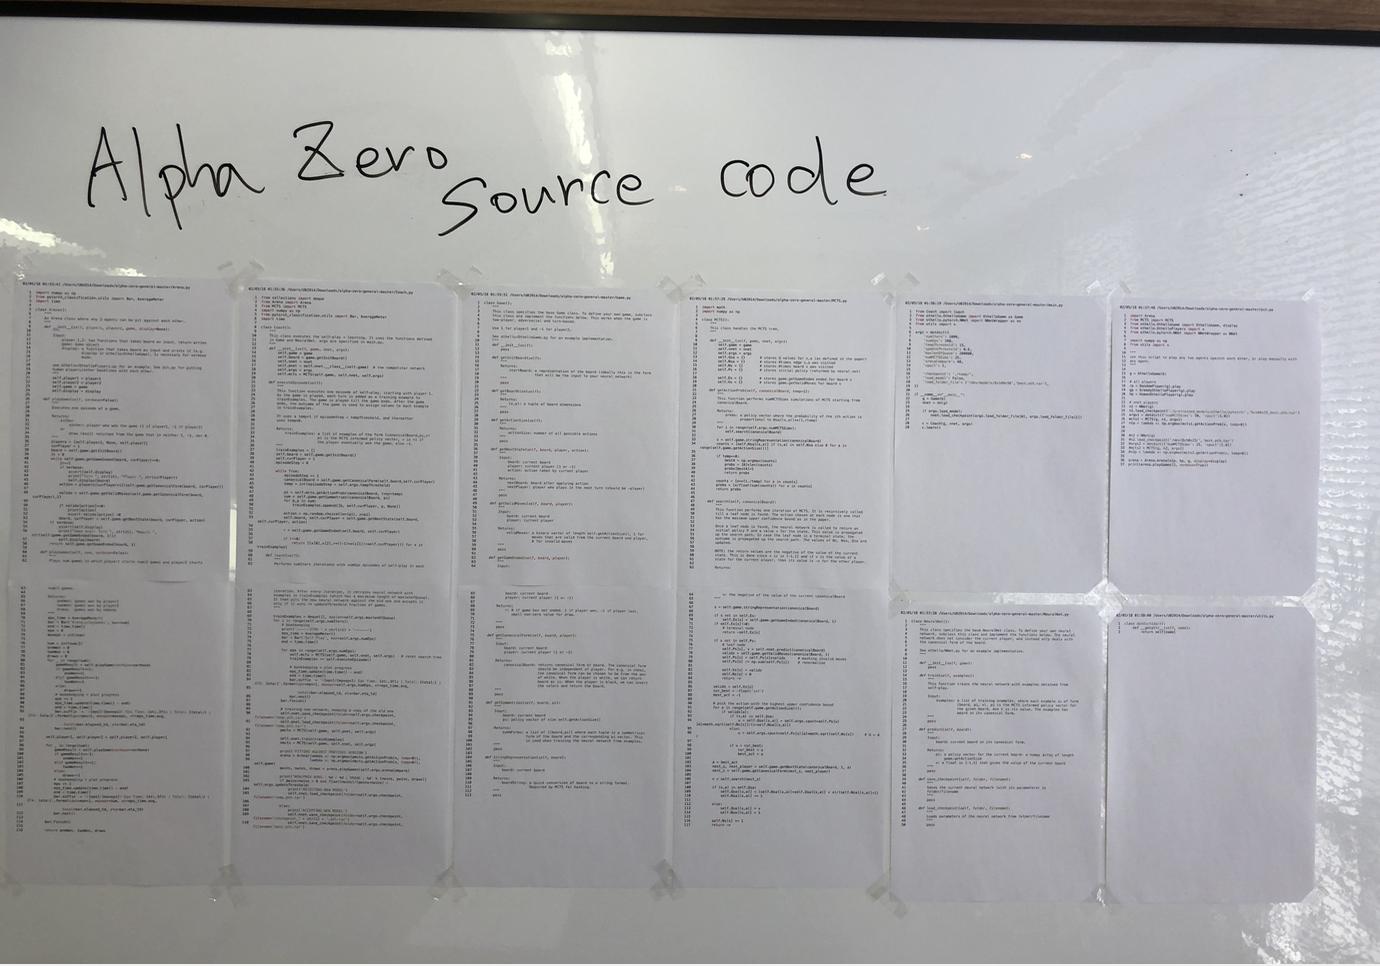 AlphaZeroのソースコードはわずかホワイトボード一枚に収まる : 情熱のミーム 清水亮 - Engadget 日本版